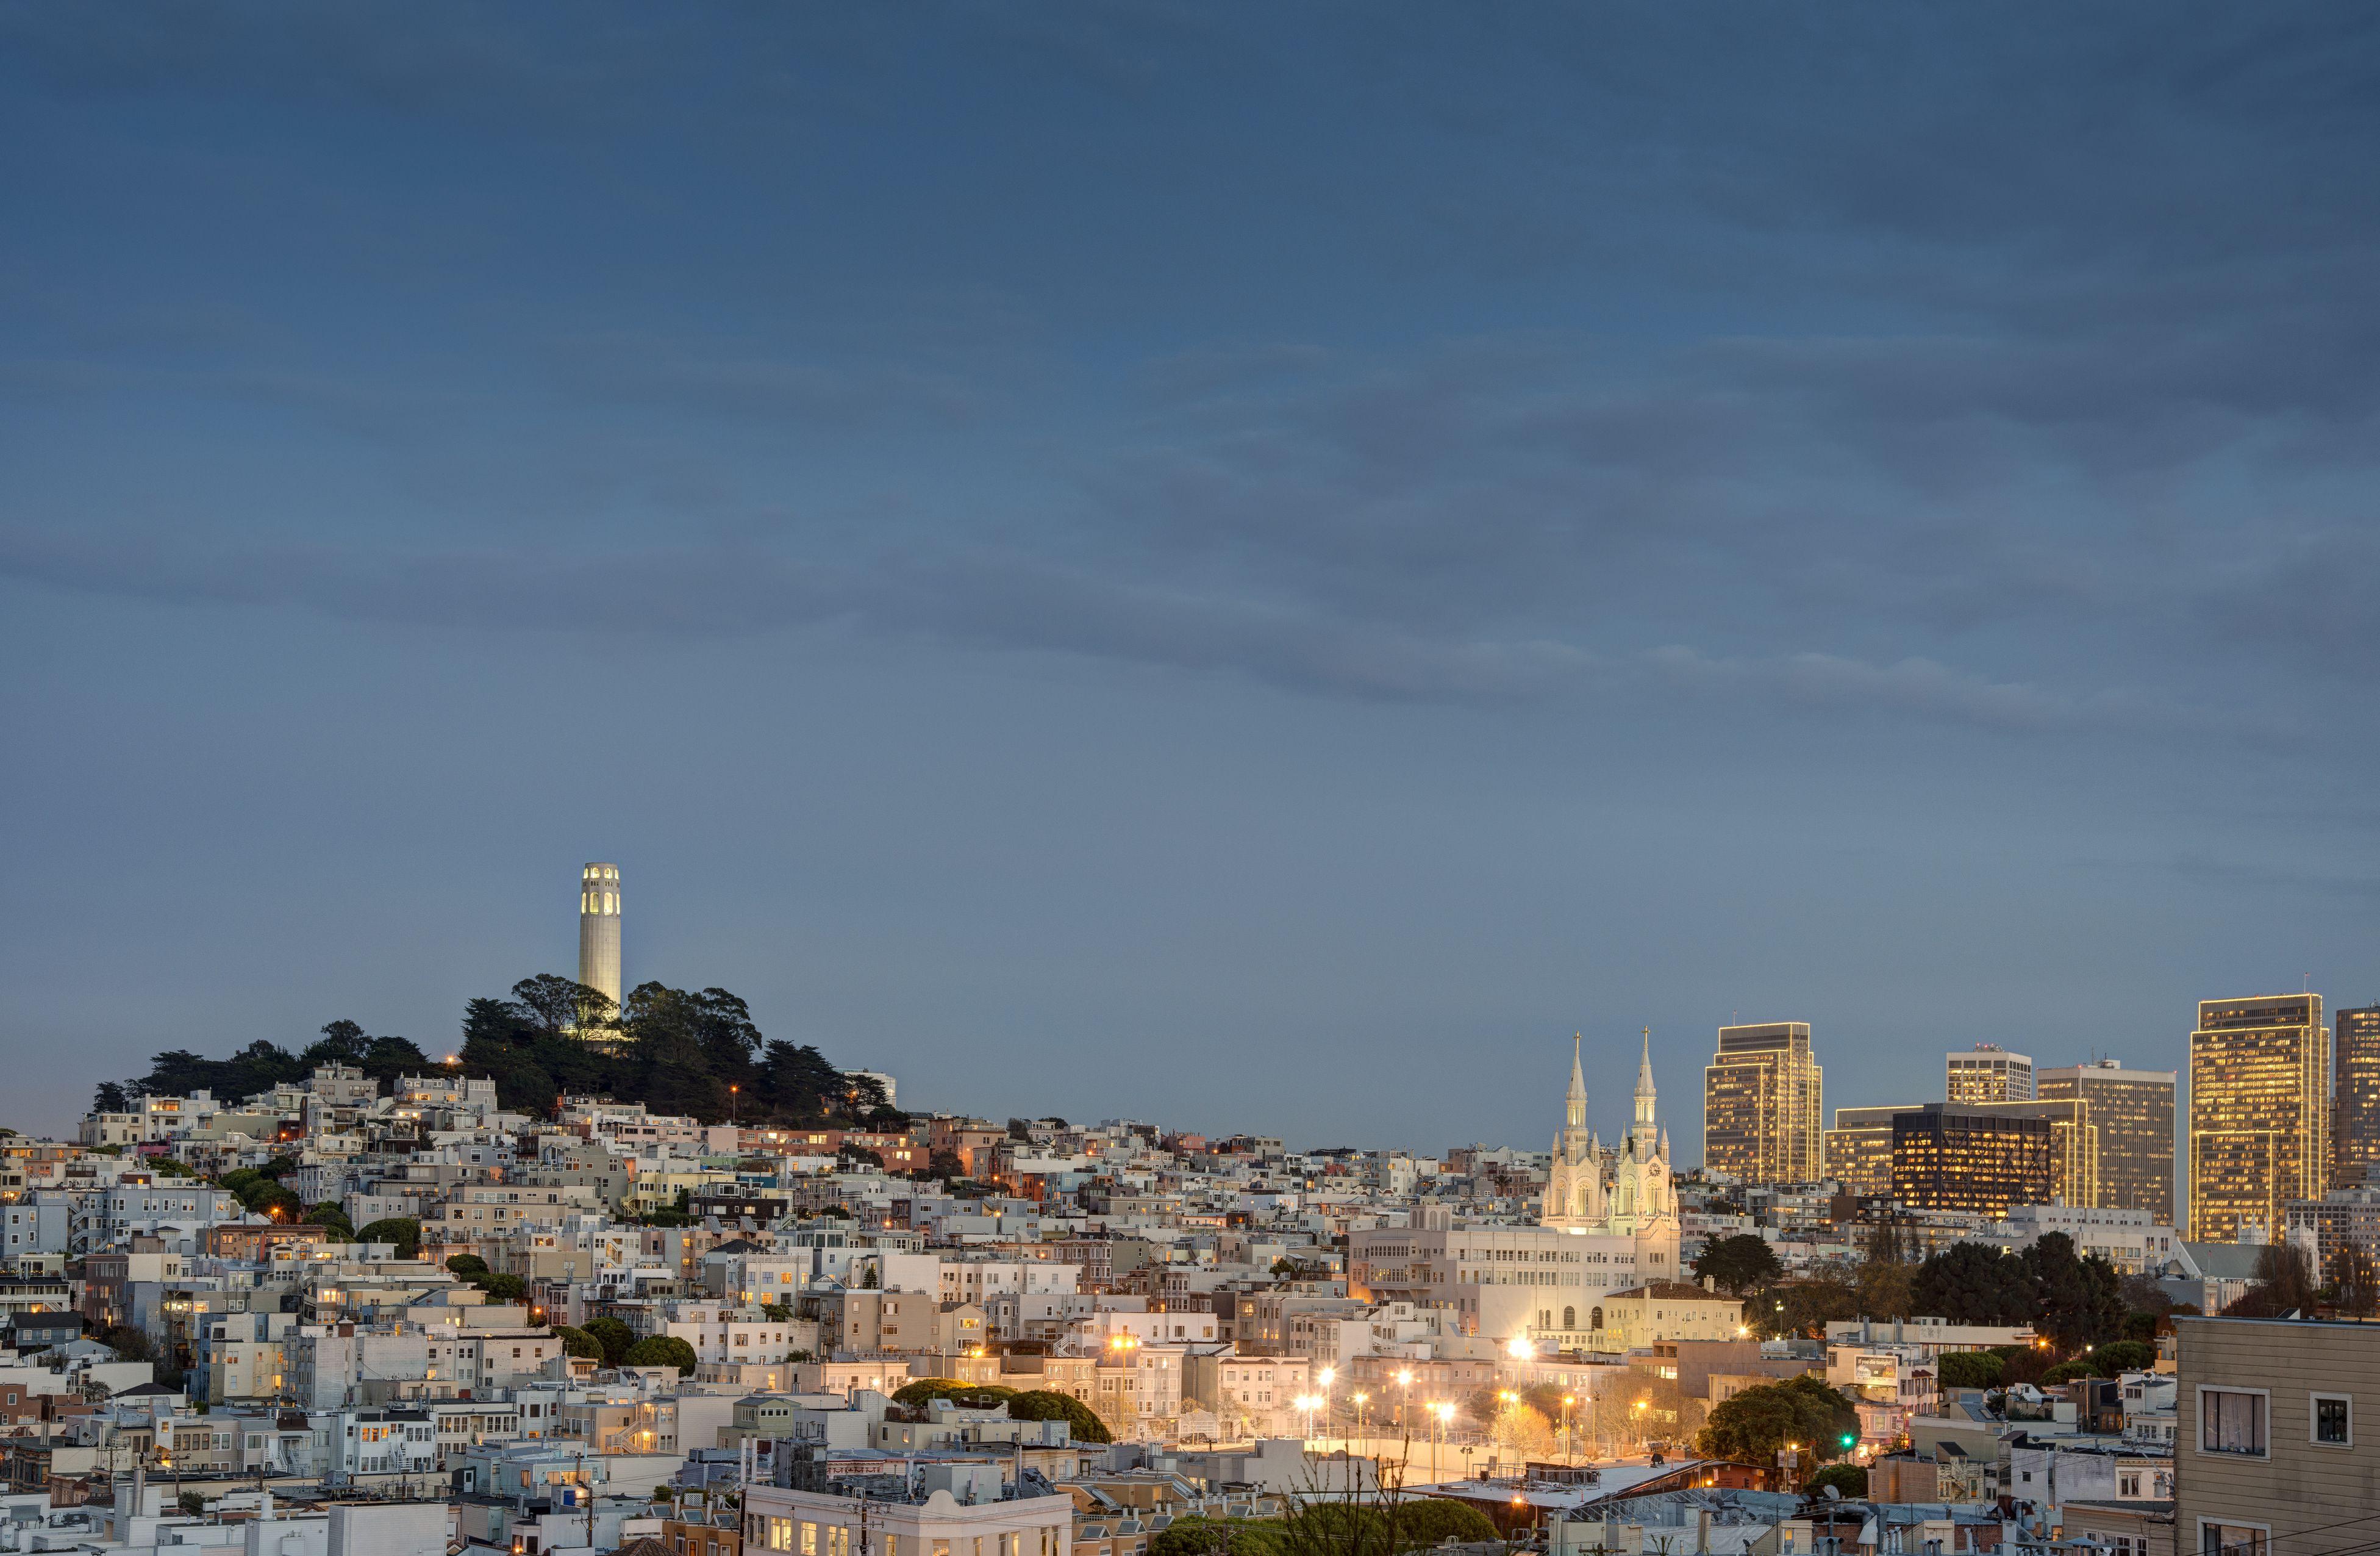 View of San Francisco at dusk